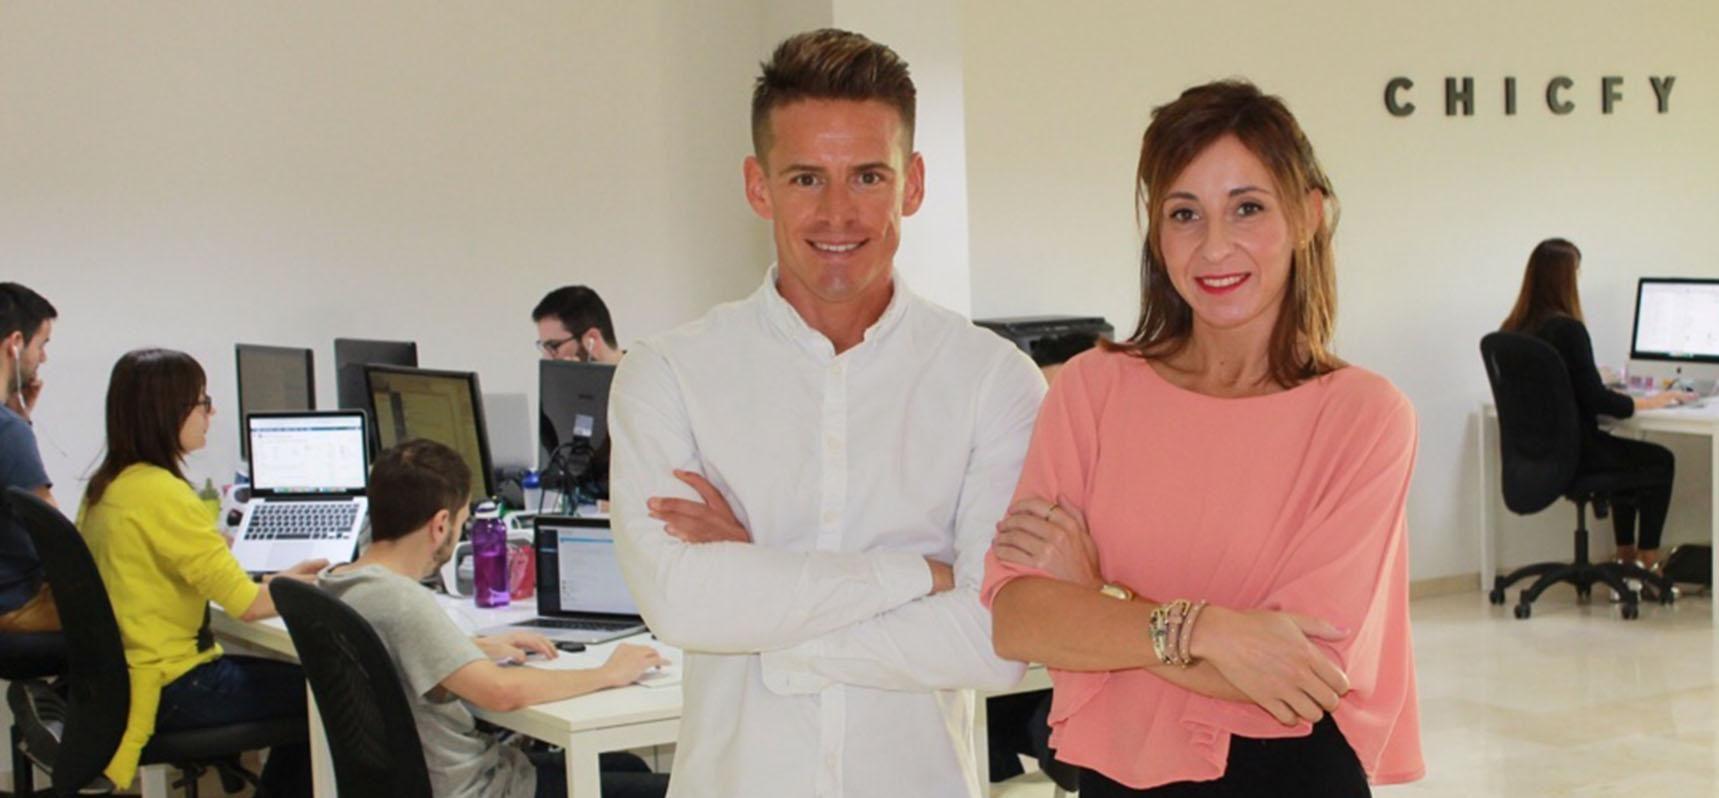 Nono Ruiz y Laura Muñoz, fundadores de Chicfy